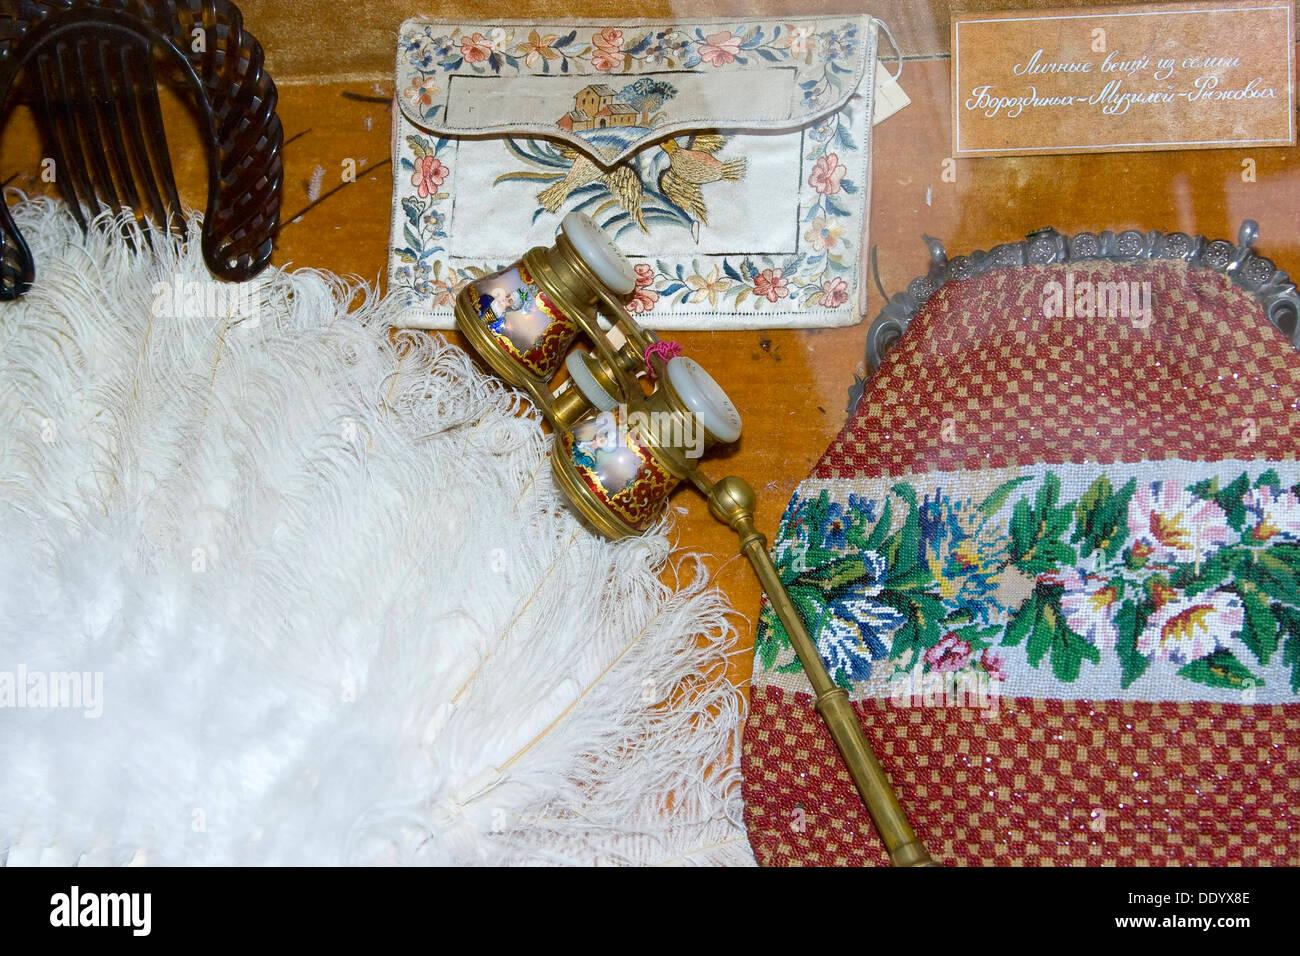 Theatre oggettistica e abbigliamento, xix secolo. Immagini Stock